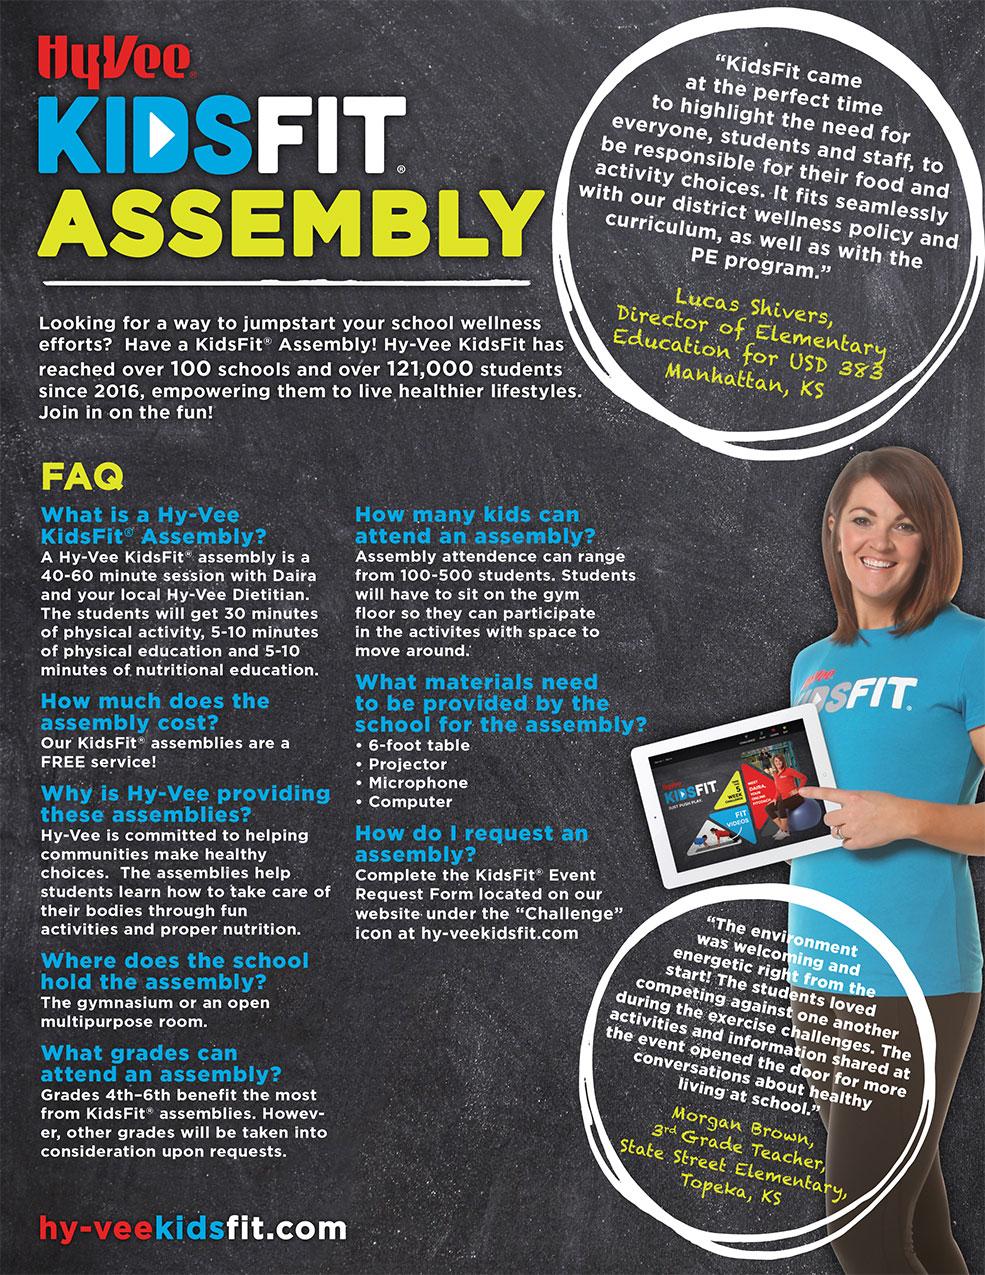 KidsFit Assembly FAQ